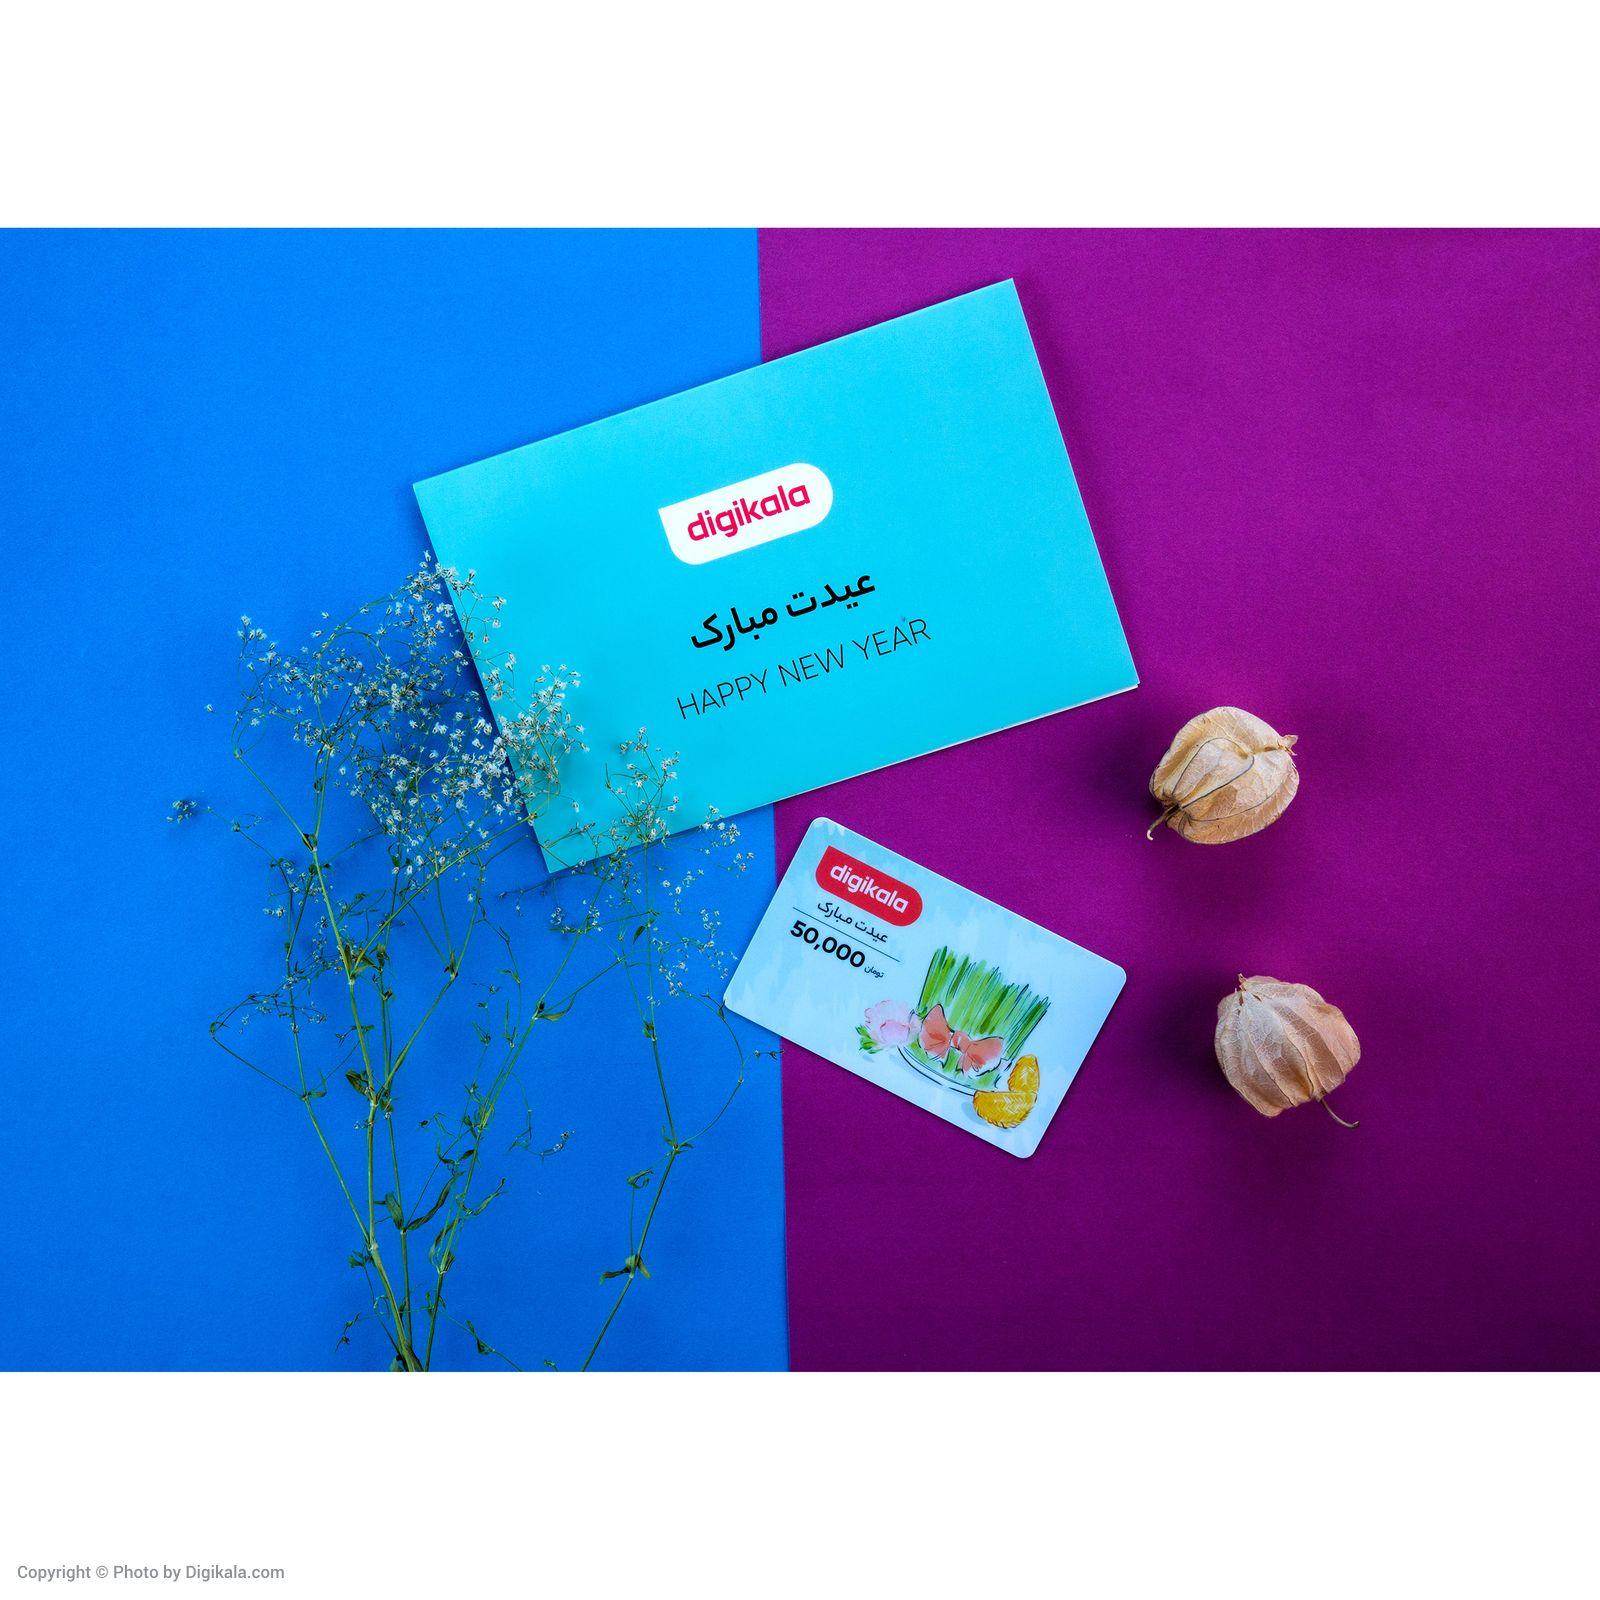 کارت هدیه دیجی کالا به ارزش 50,000 تومان طرح سبزه  main 1 3